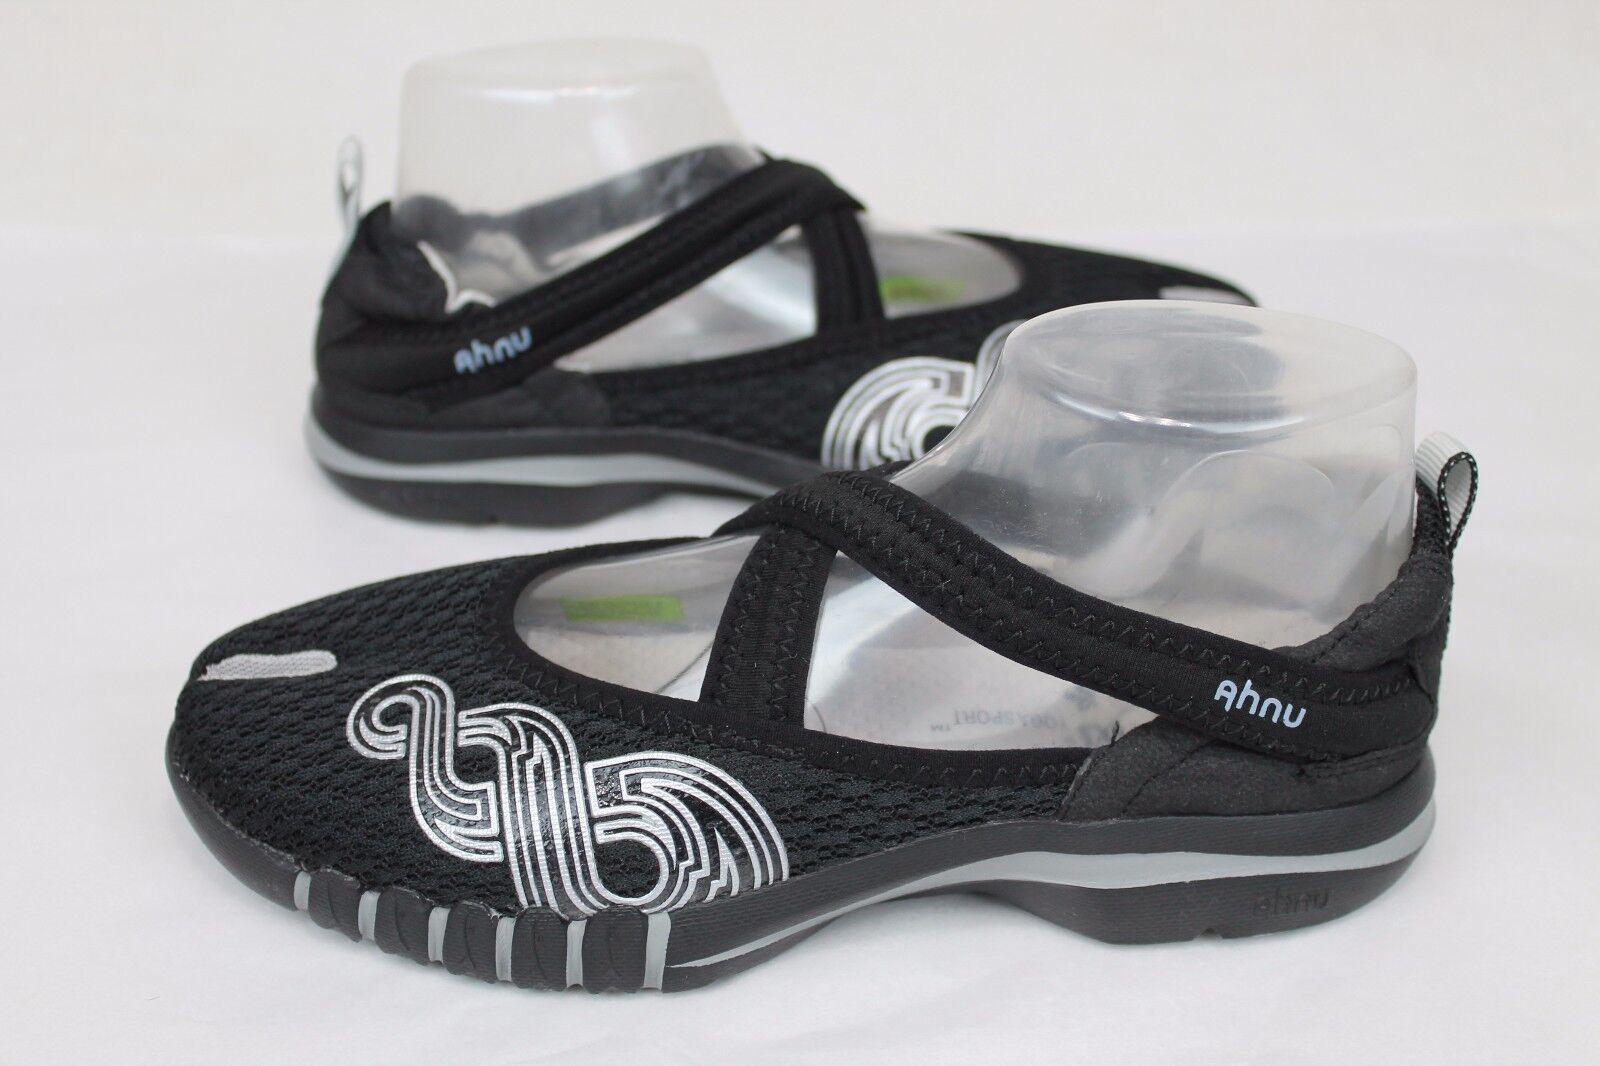 Ahnu Deporte Yoga Split Negro con tirantes Yoga Deporte Ahnu Zapatos Sin taco para mujer EE. UU. 6ac671